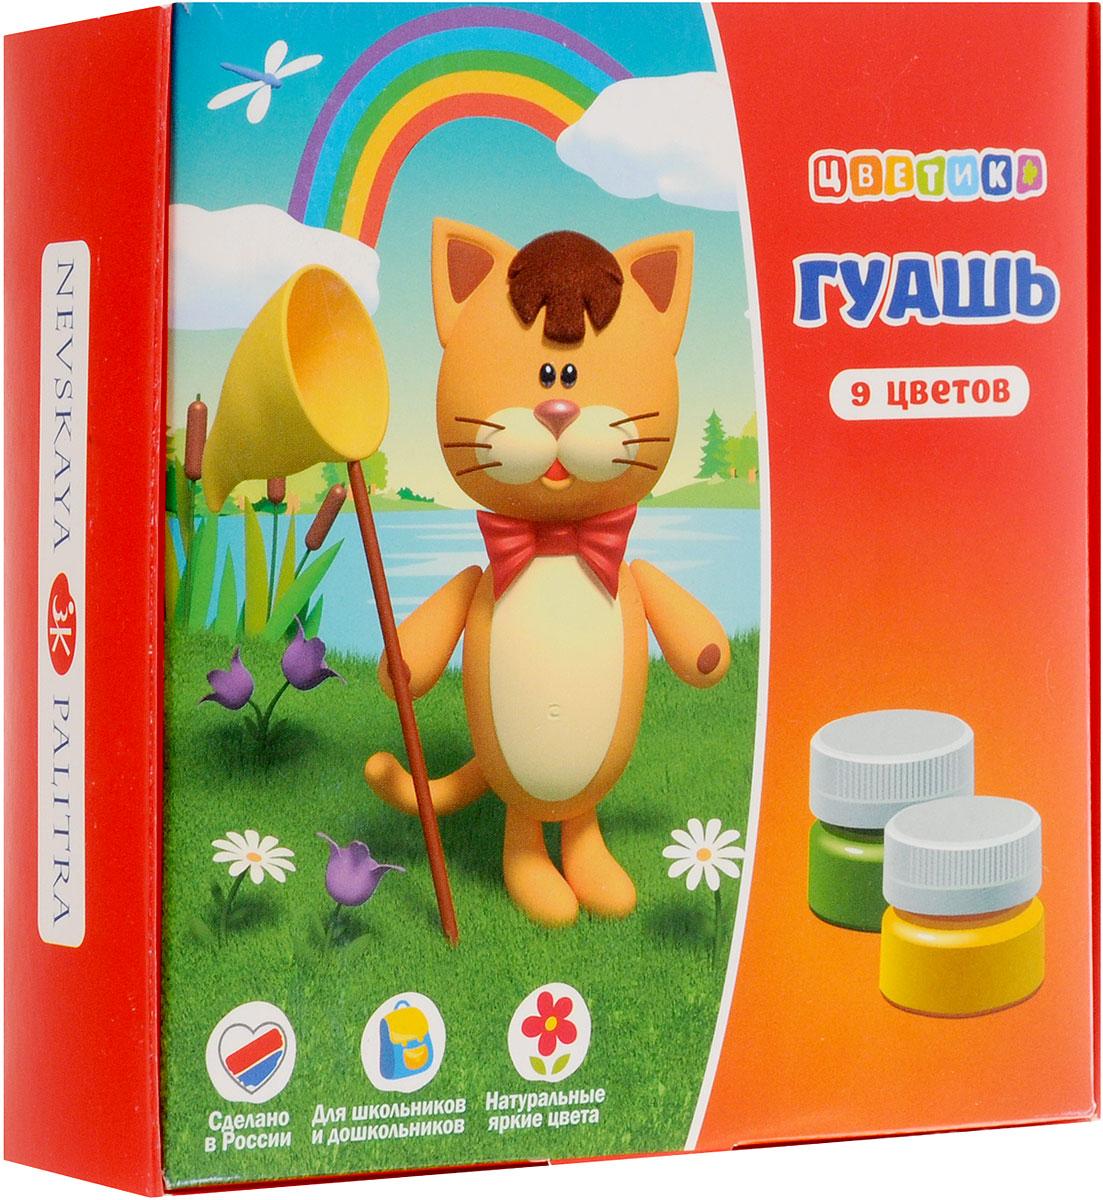 Цветик Гуашь 9 цветовFS-36055Гуашь Цветик предназначена для детского творчества и декоративно-оформительских работ. Краски имеют насыщенные и яркие цвета, при оптимальной консистенции обладают превосходной кроющей способностью. Легко наносятся на бумагу и картон. При высыхании приобретают матово-бархатистую поверхность, легко размываются водой.Краски соответствуют европейским нормам безопасности EN 71.Цветик - торговая марка, созданная специально для детей. К краскам этой серии предъявляются самые высокие требования по качеству. Все товары соответствуют европейским нормам безопасности и оставляют только самые приятные впечатления от использования для учебы и творчества.